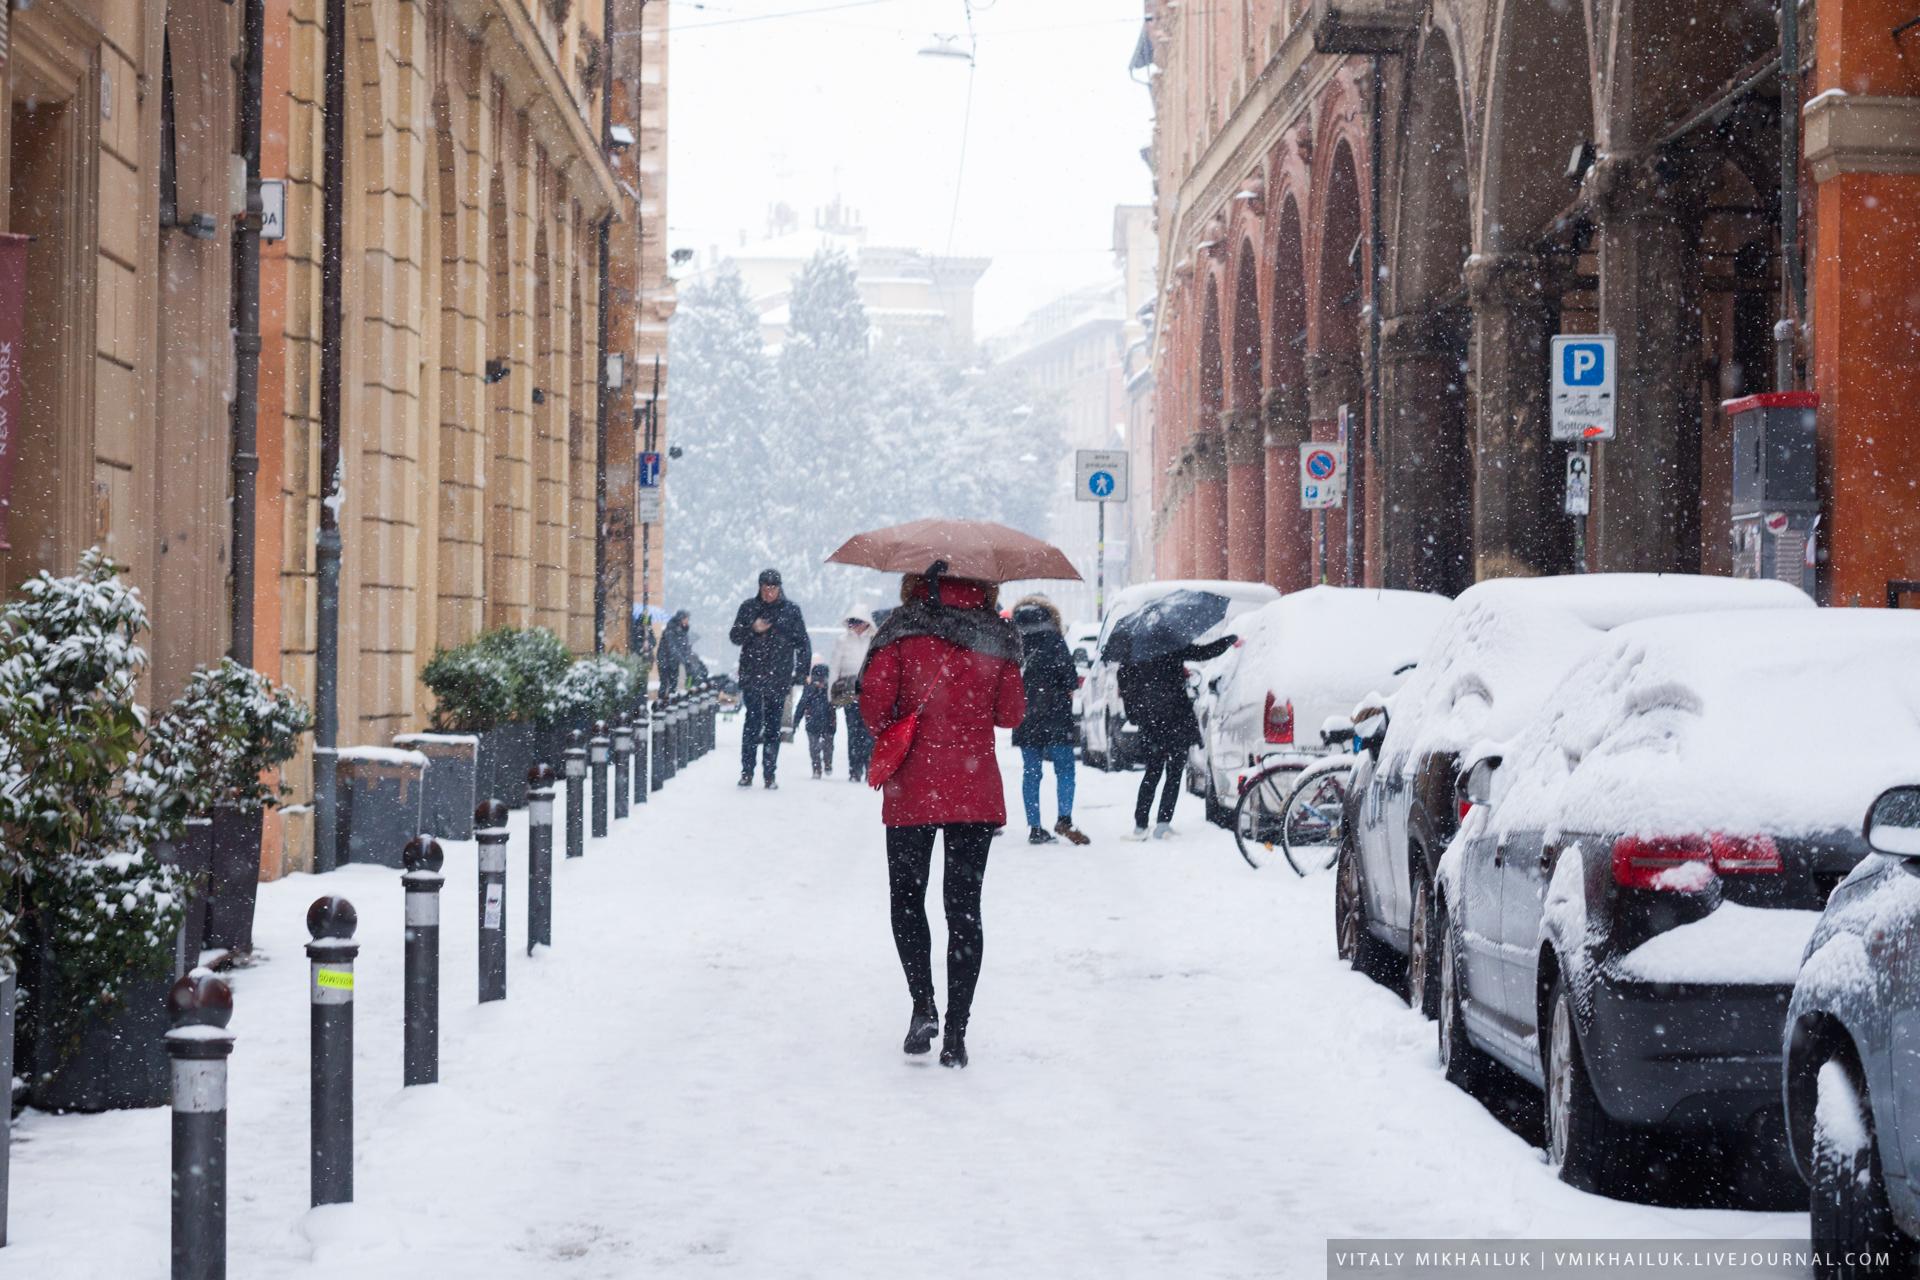 Болонья в снегу Болонье, город, здесь, Болонья, Флоренции, писал, возможность, Пленка, Остров, когда, будет, такая, такой, погода, очень, снега, главную, посте, который, городу